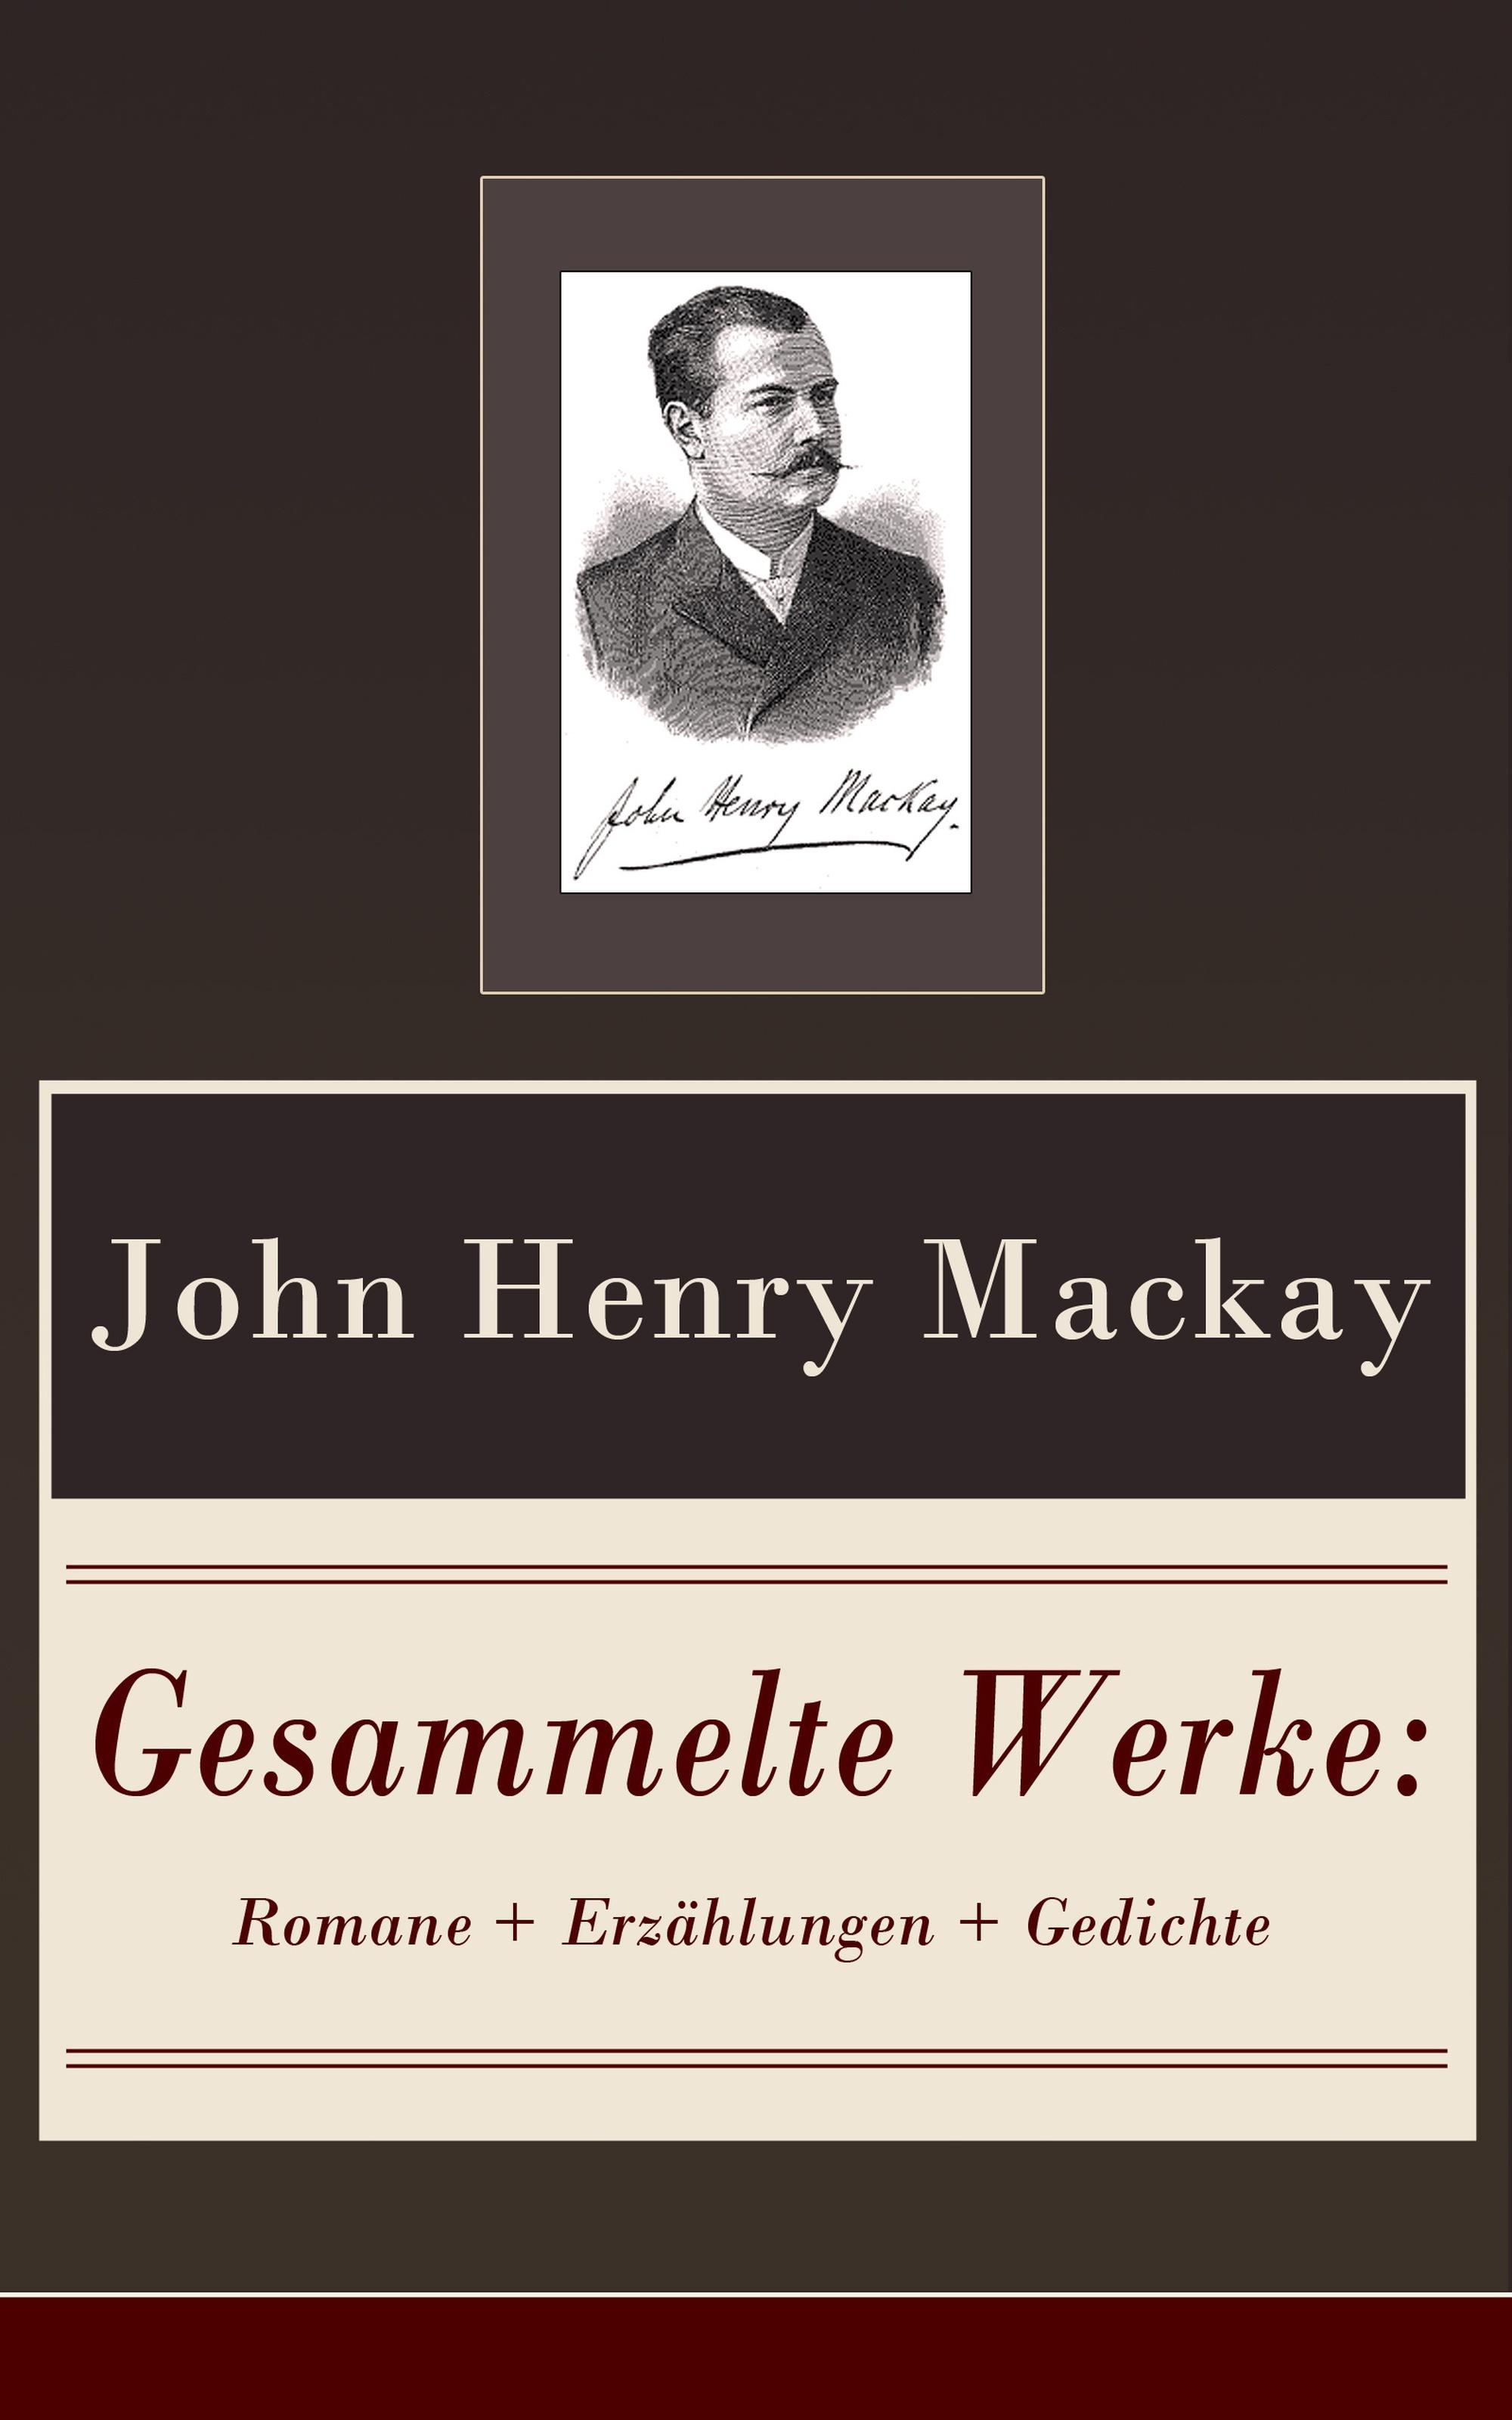 John Henry MacKay Gesammelte Werke: Romane + Erzählungen + Gedichte louise otto gesammelte werke romane frauenbewegung essays biografien gedichte